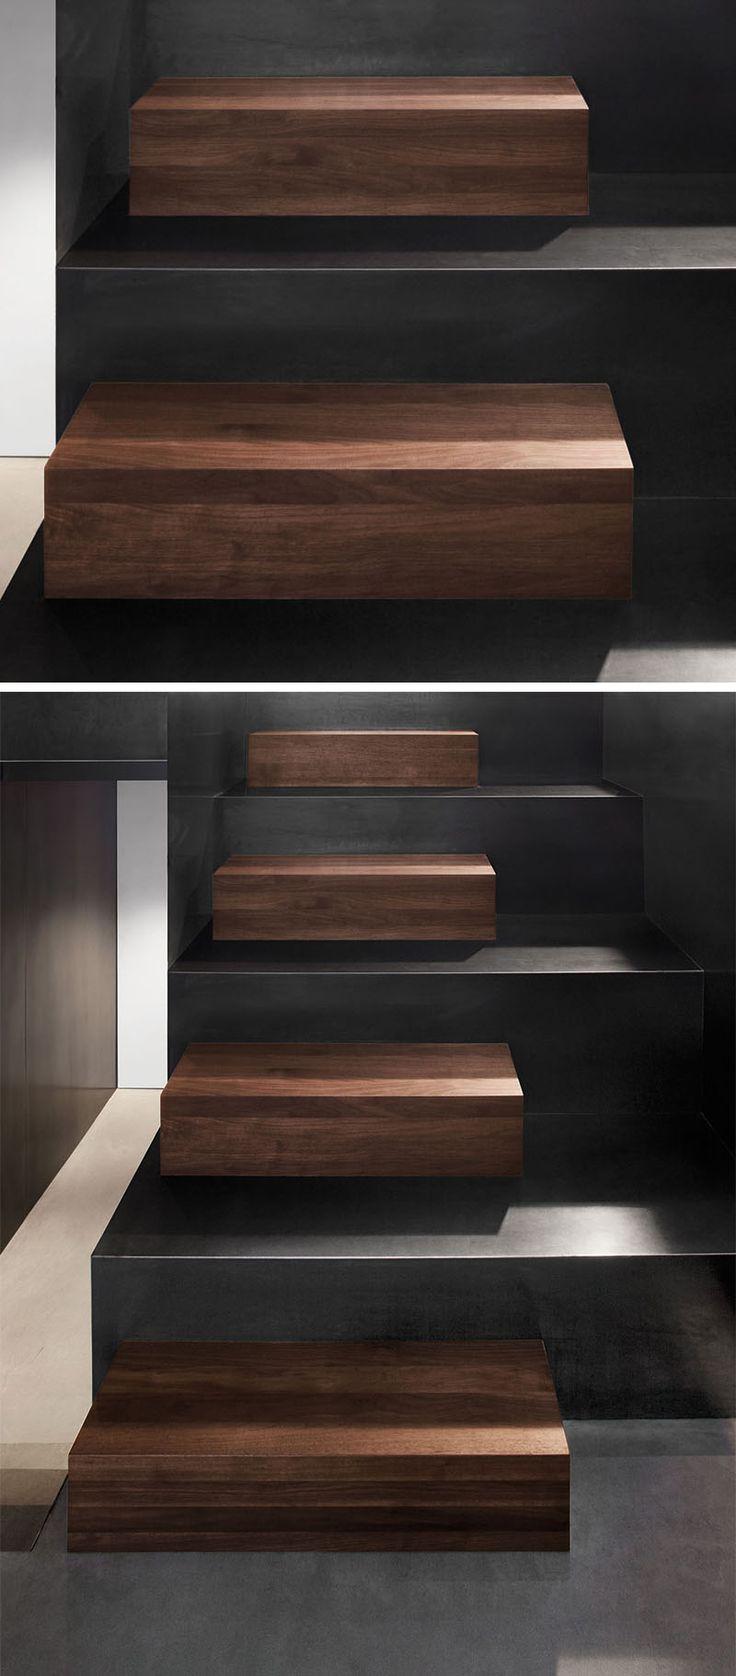 les 25 meilleures id es de la cat gorie escalier escamotable sur pinterest chelles loft. Black Bedroom Furniture Sets. Home Design Ideas